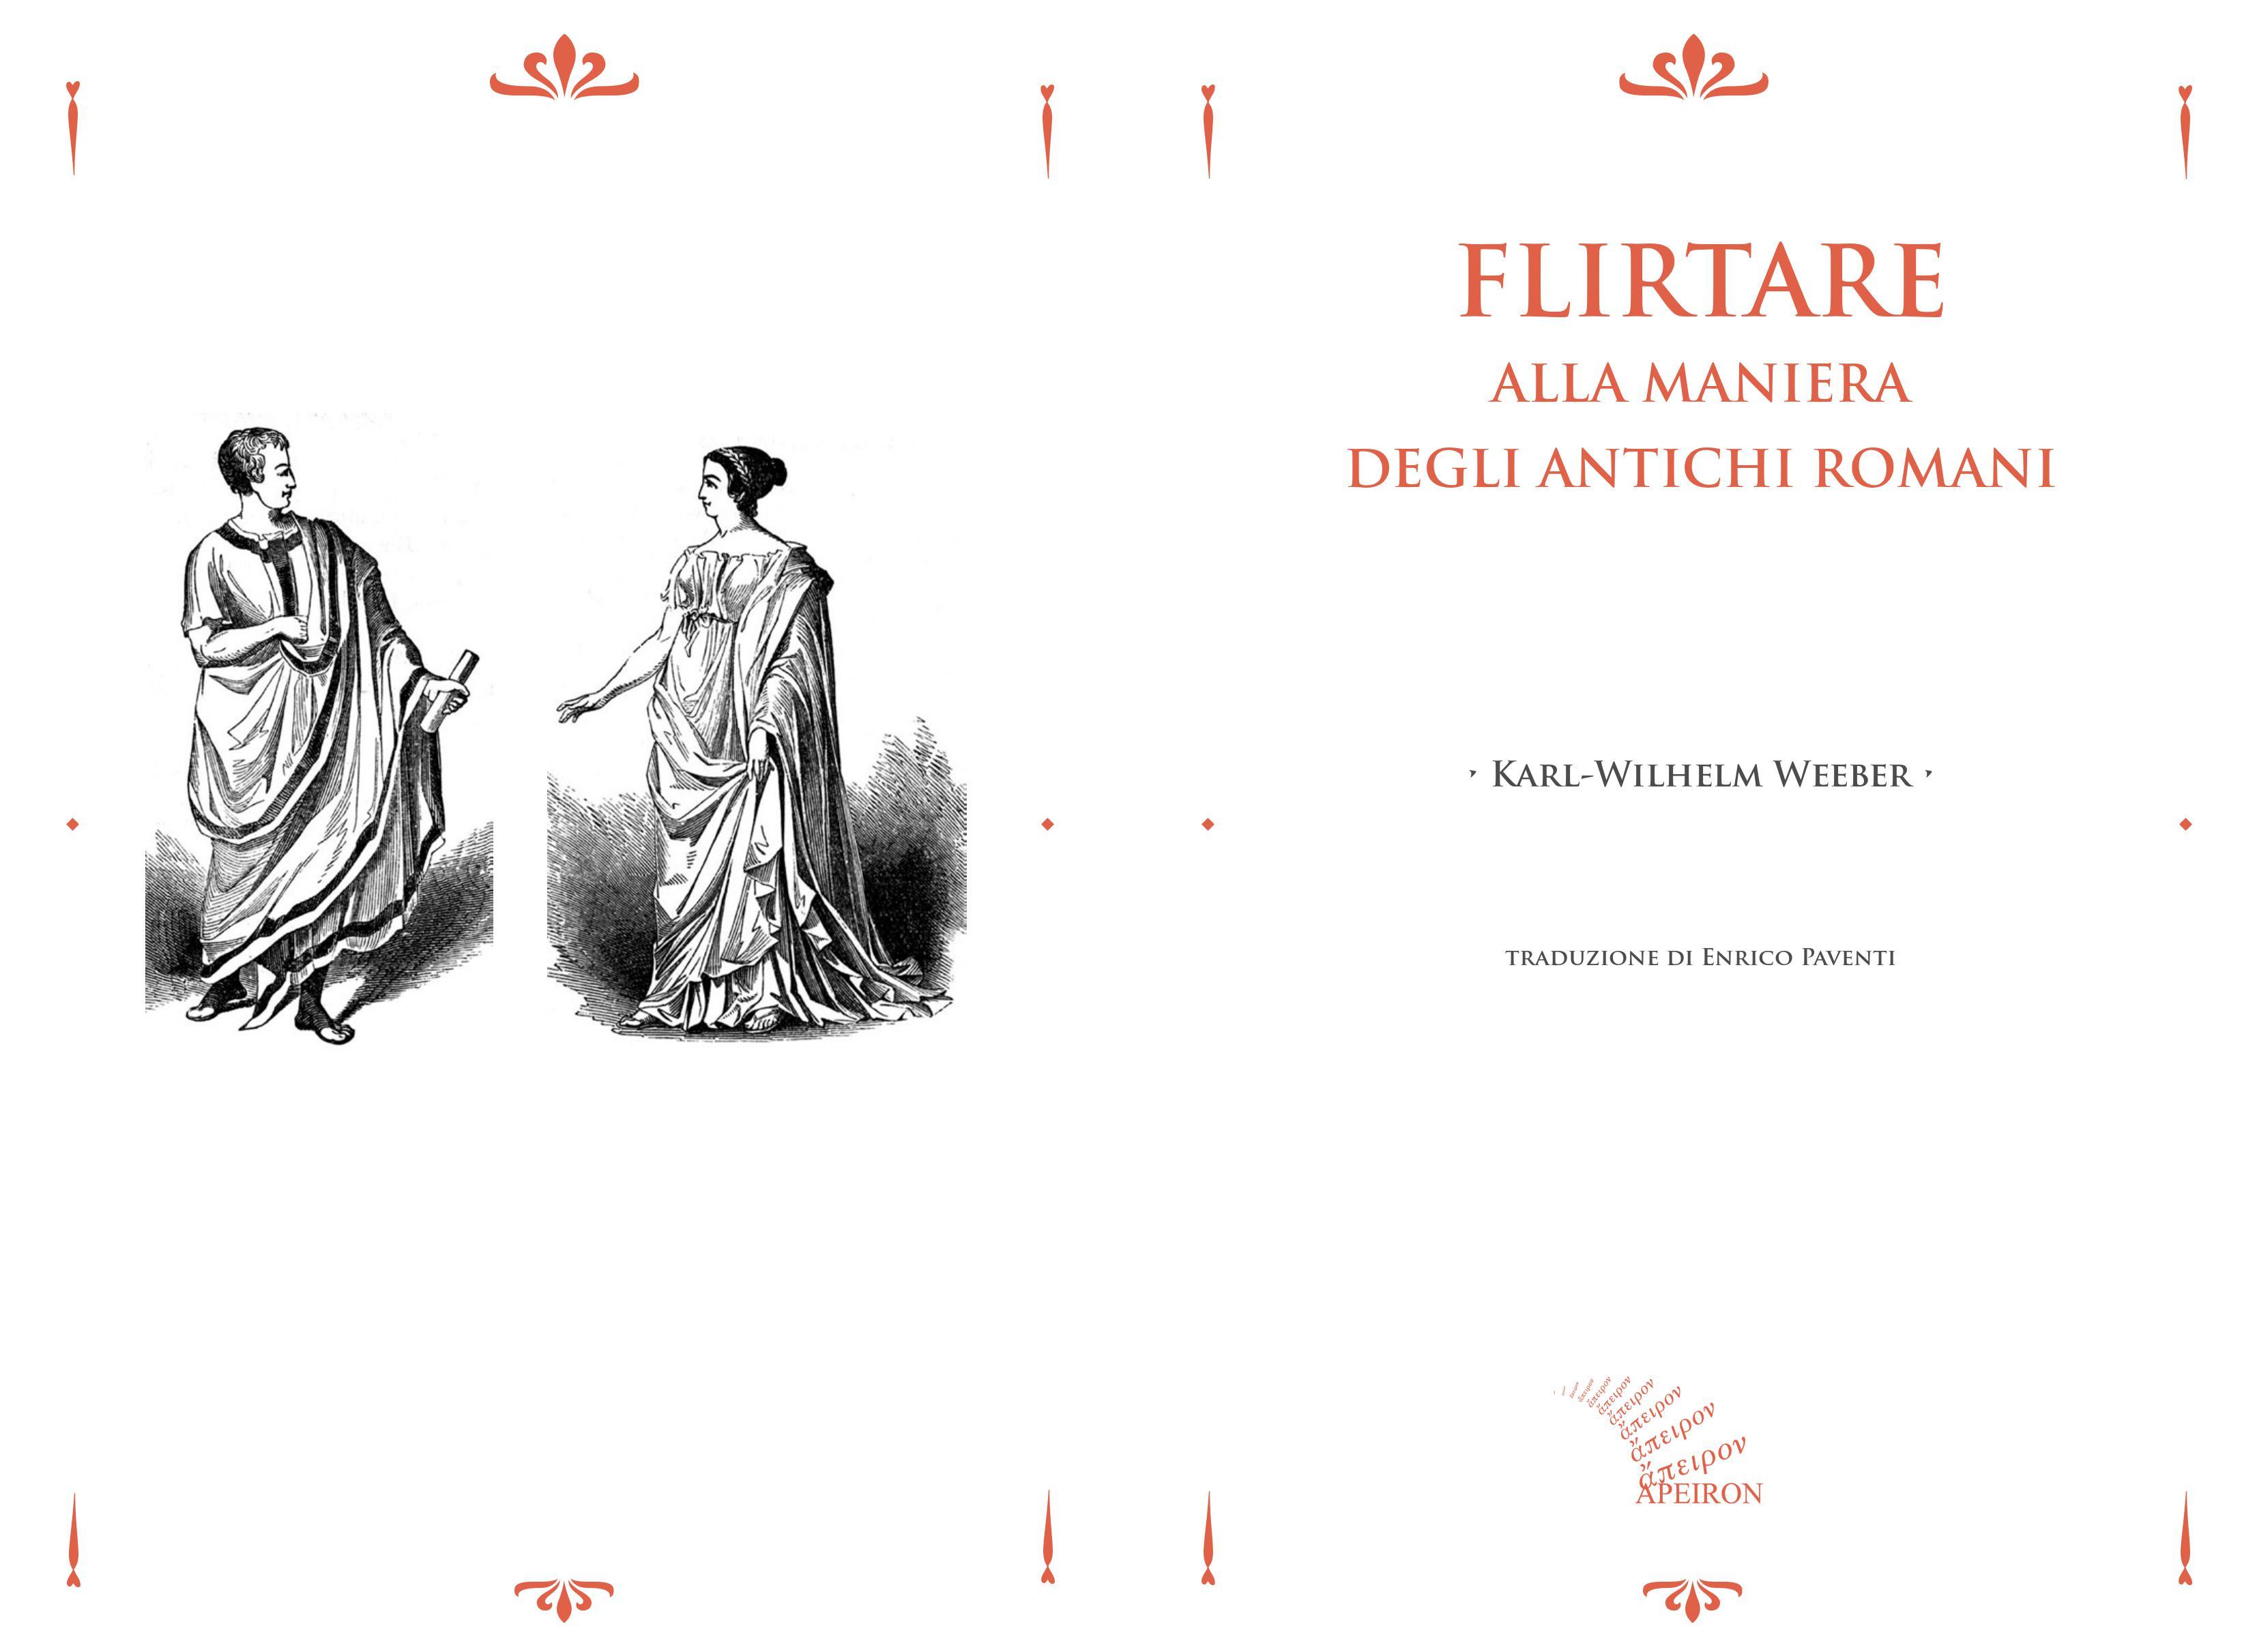 flirtare-alla-maniera-degli-antichi-romani-01